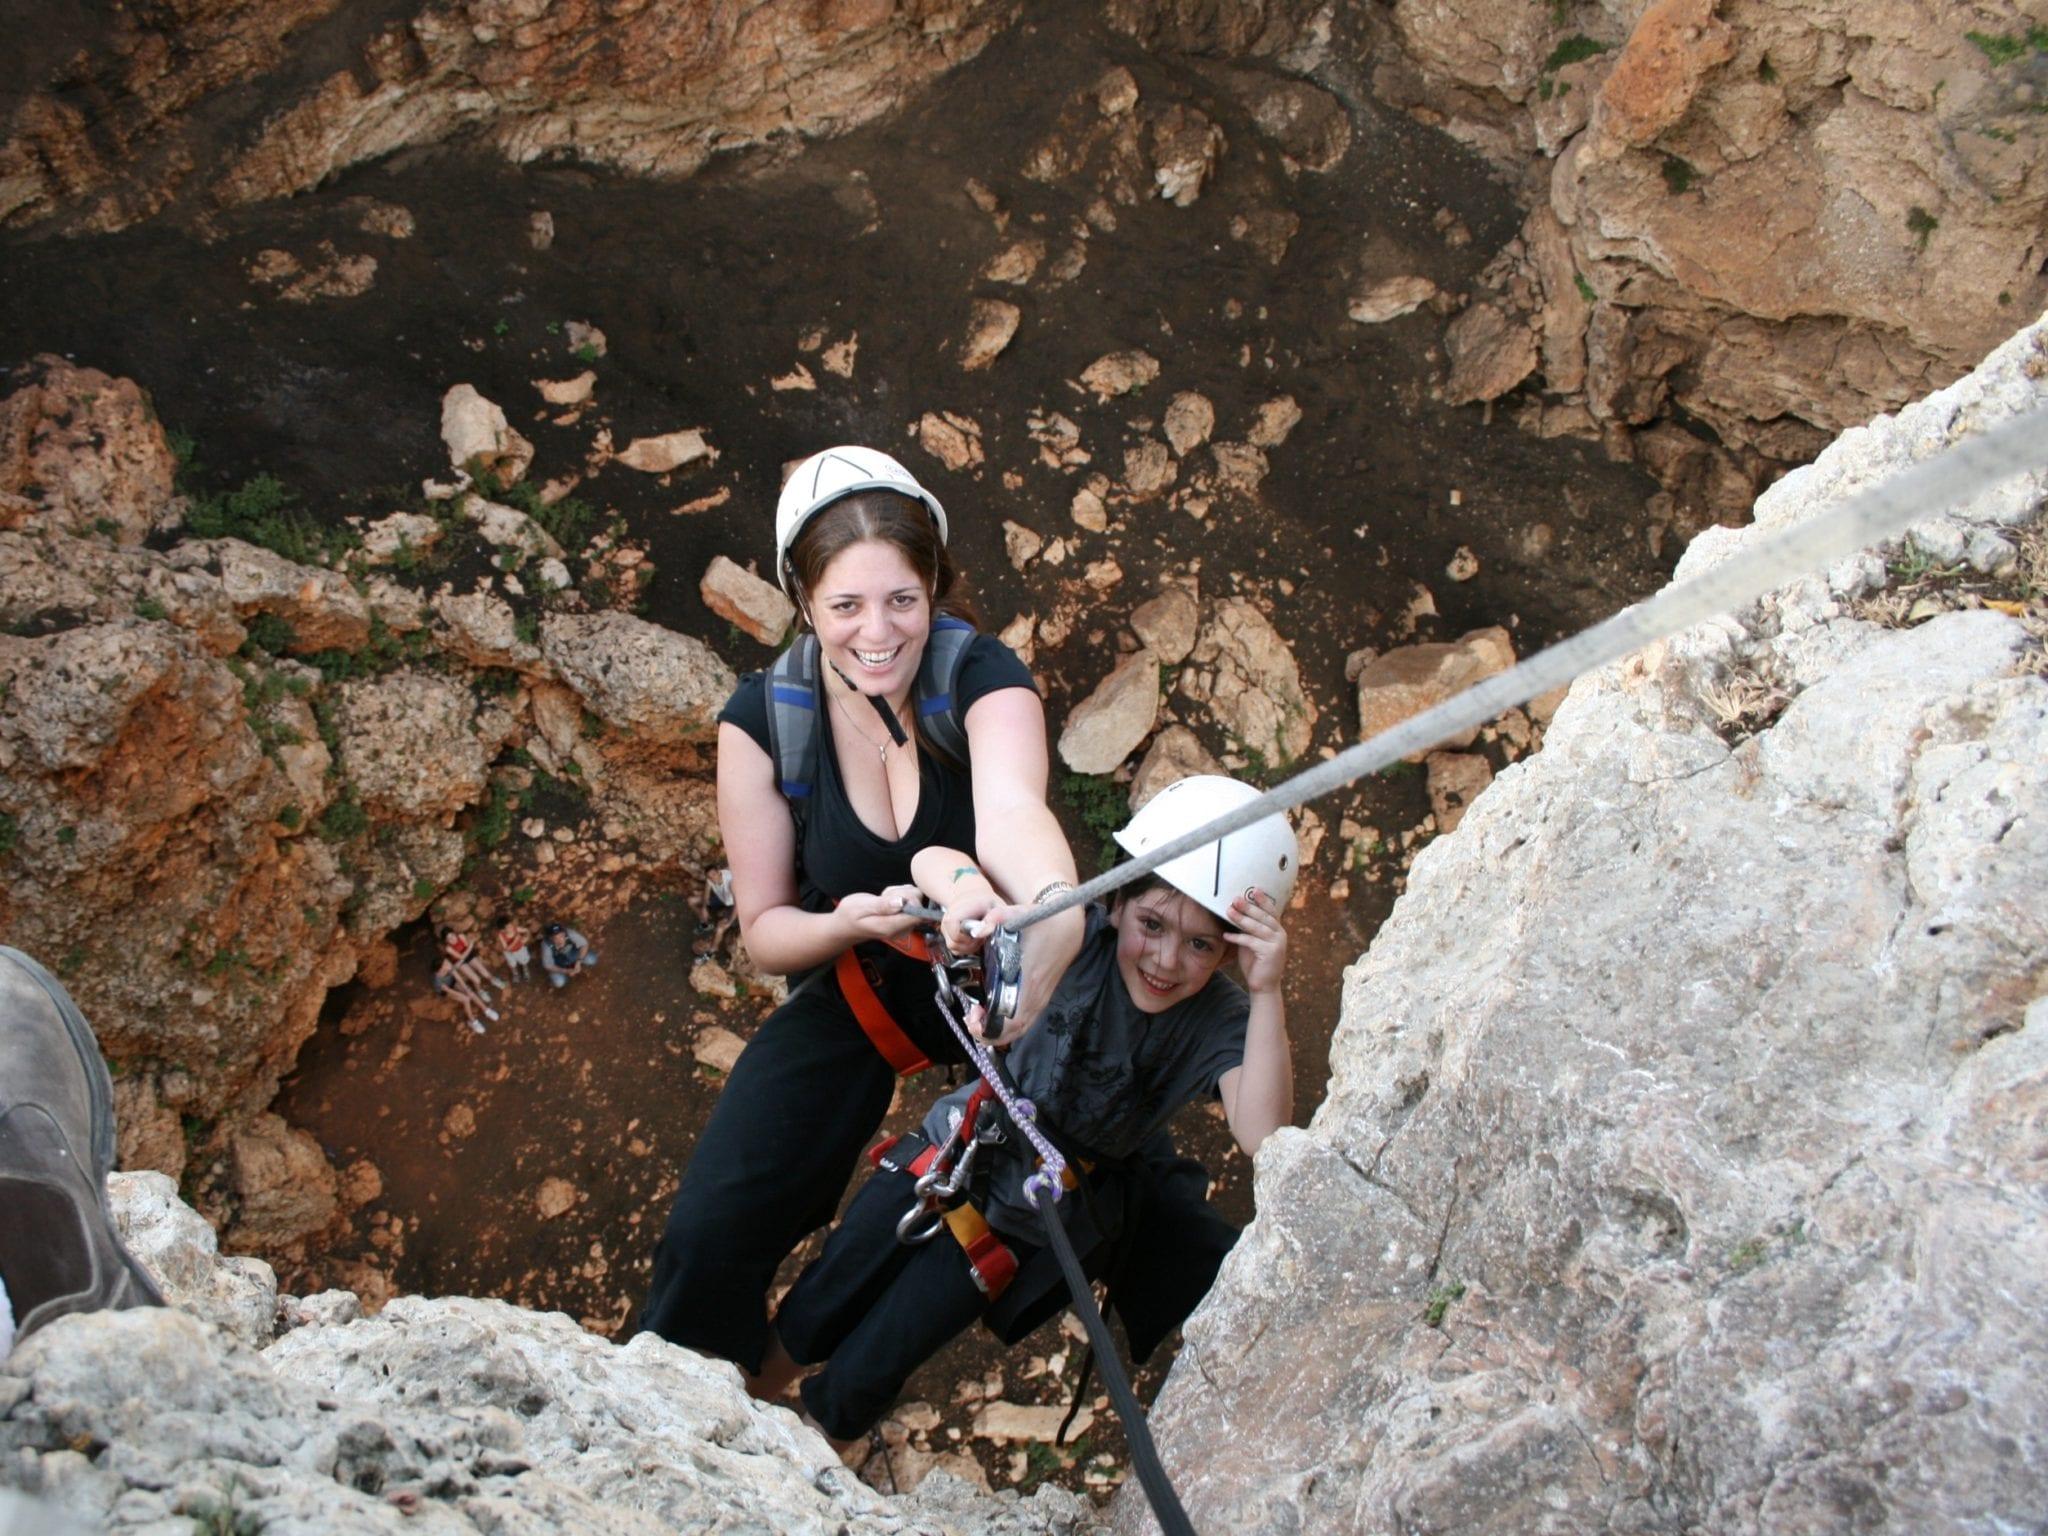 סנפלינג במערת קשת - כל אחד יכול - ערוצים בטבע